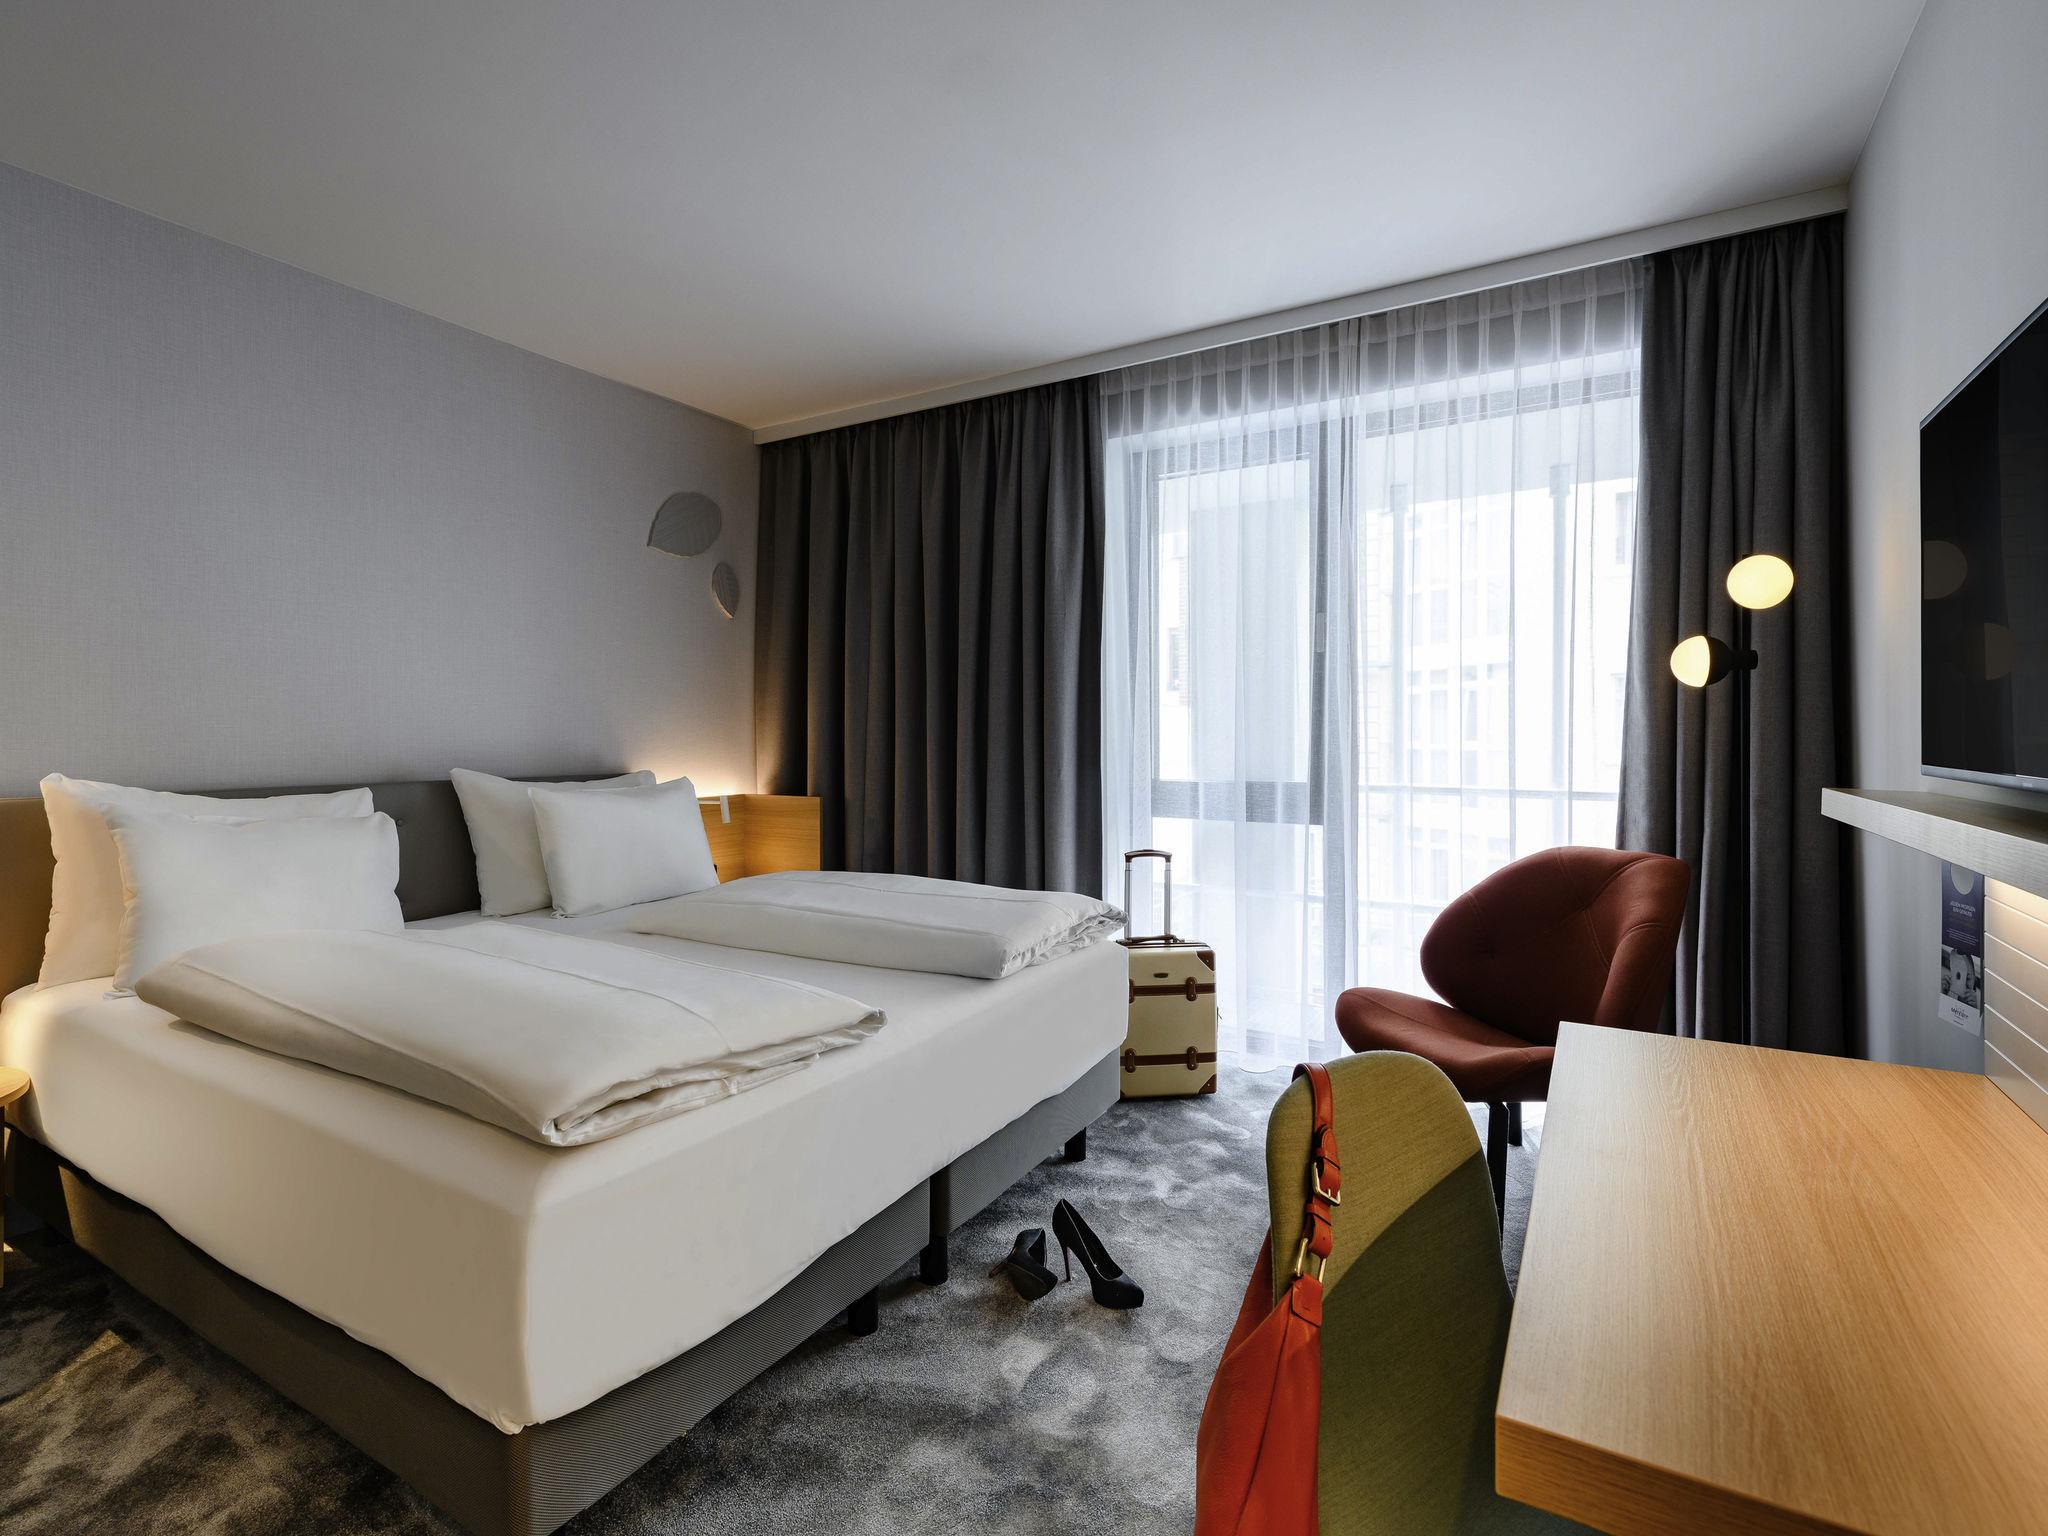 ホテル – メルキュールホテルミュンヘンシュヴァービング